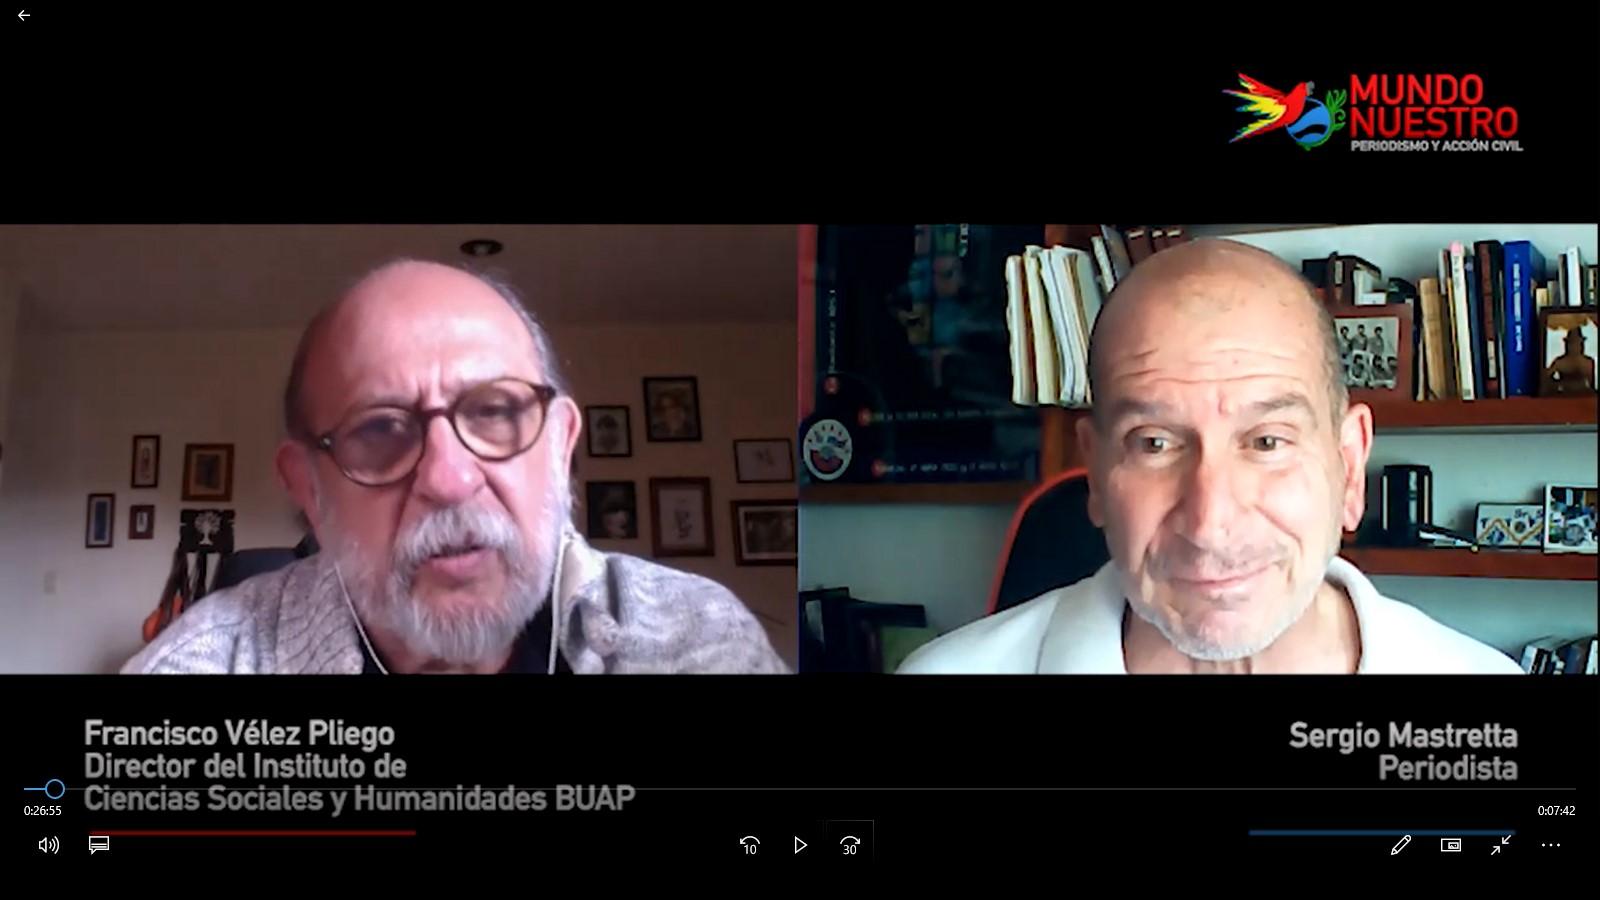 Francisco Vélez Pliego: Investigación social y políticas públicas, una mirada estratégica